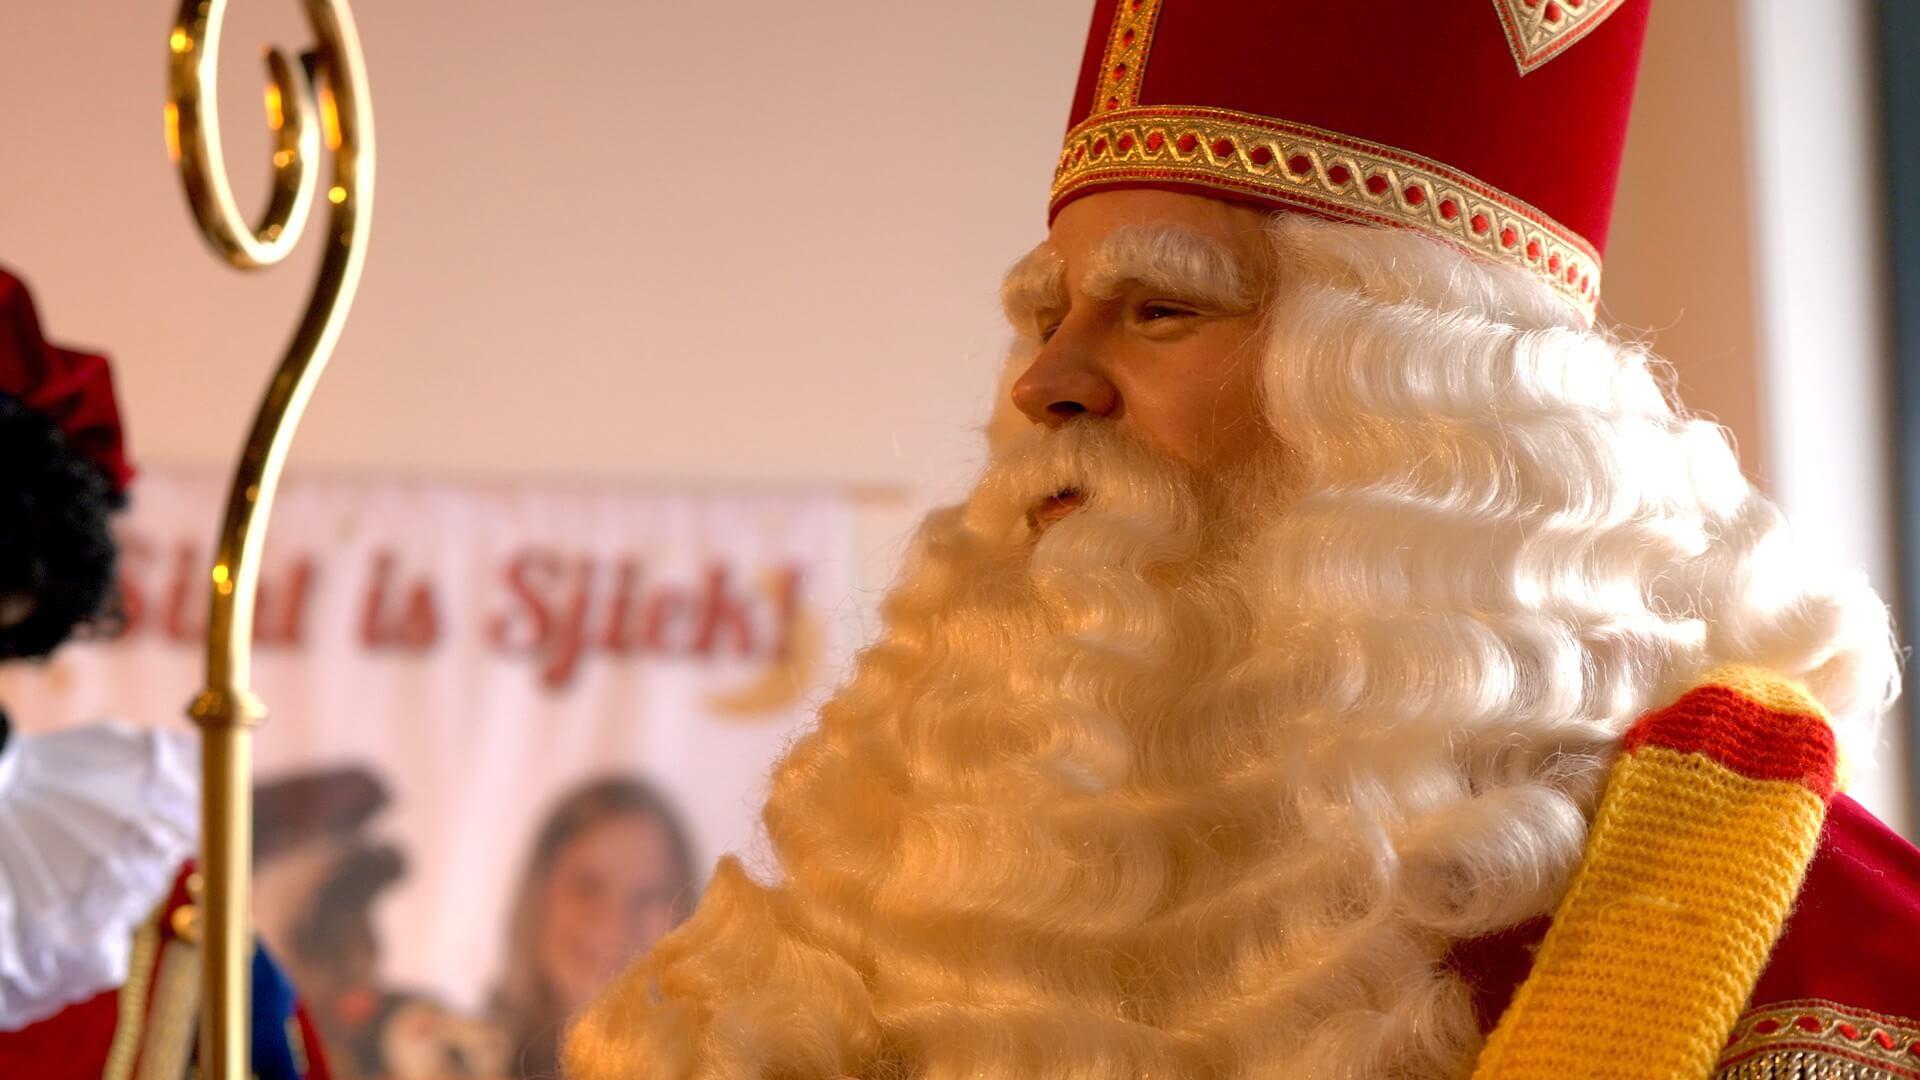 Sinterklaas bezoek roetveegpieten inhuren